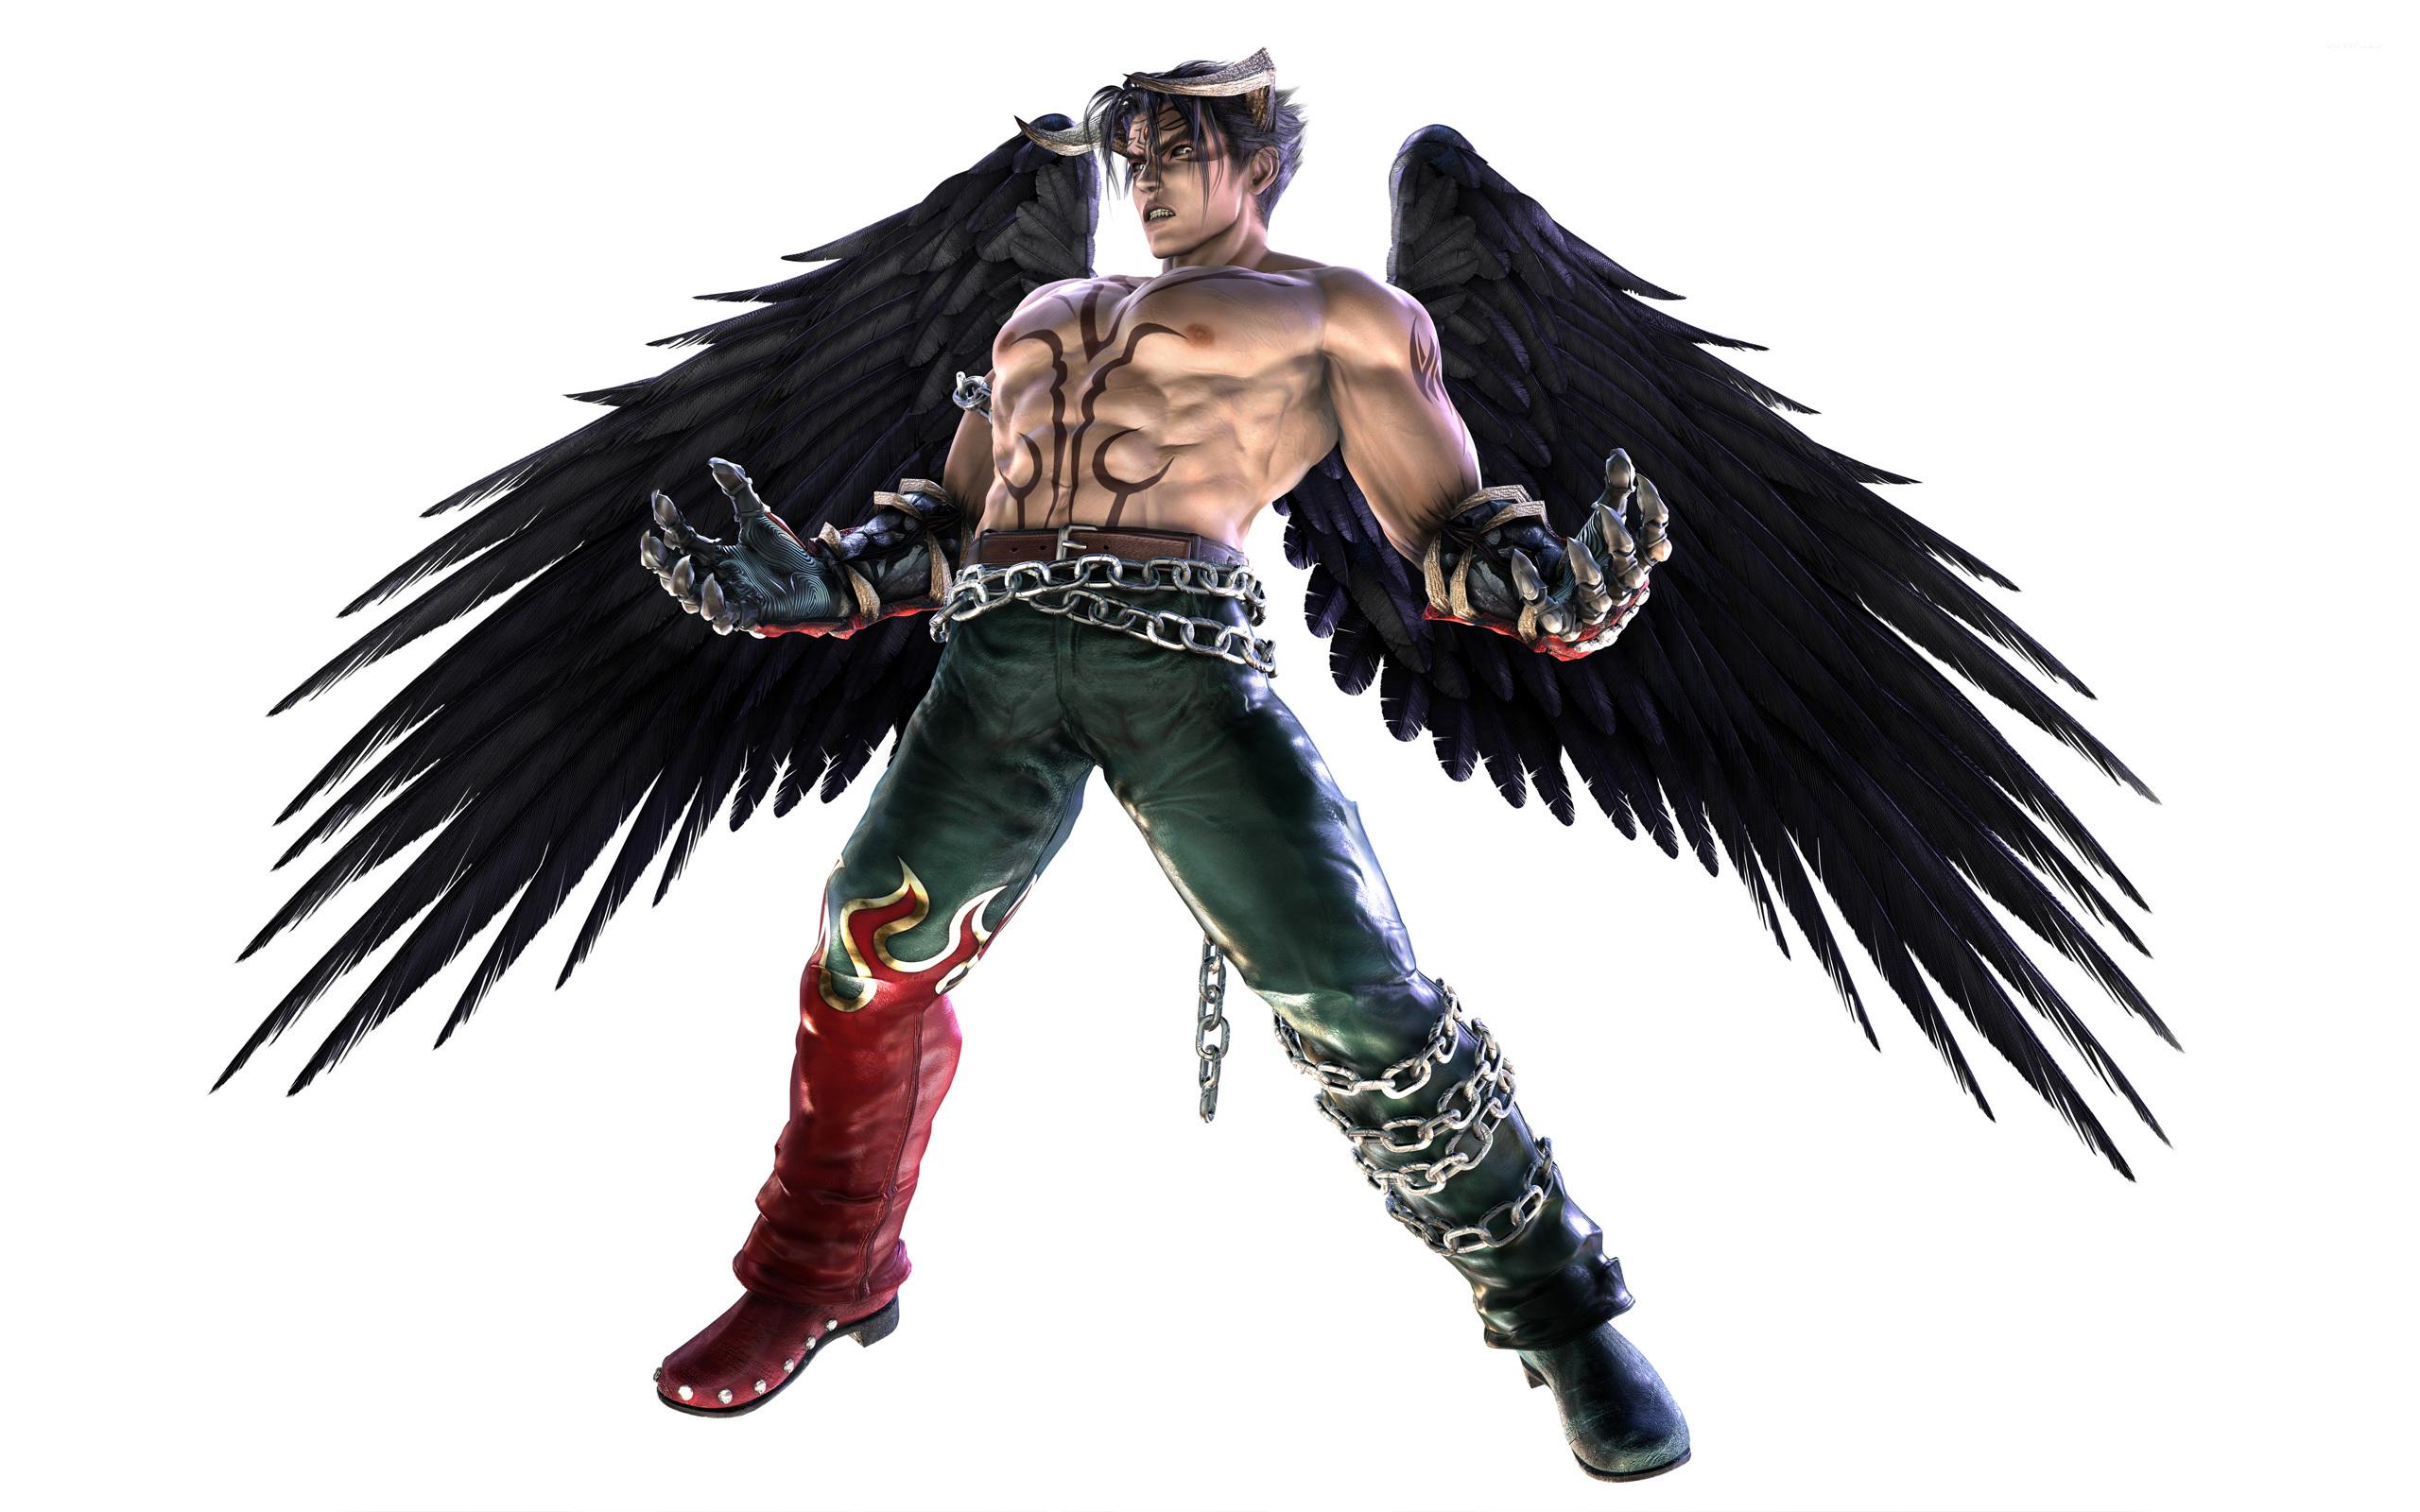 Jin Kazama Tekken 6 Wallpaper Game Wallpapers 6314